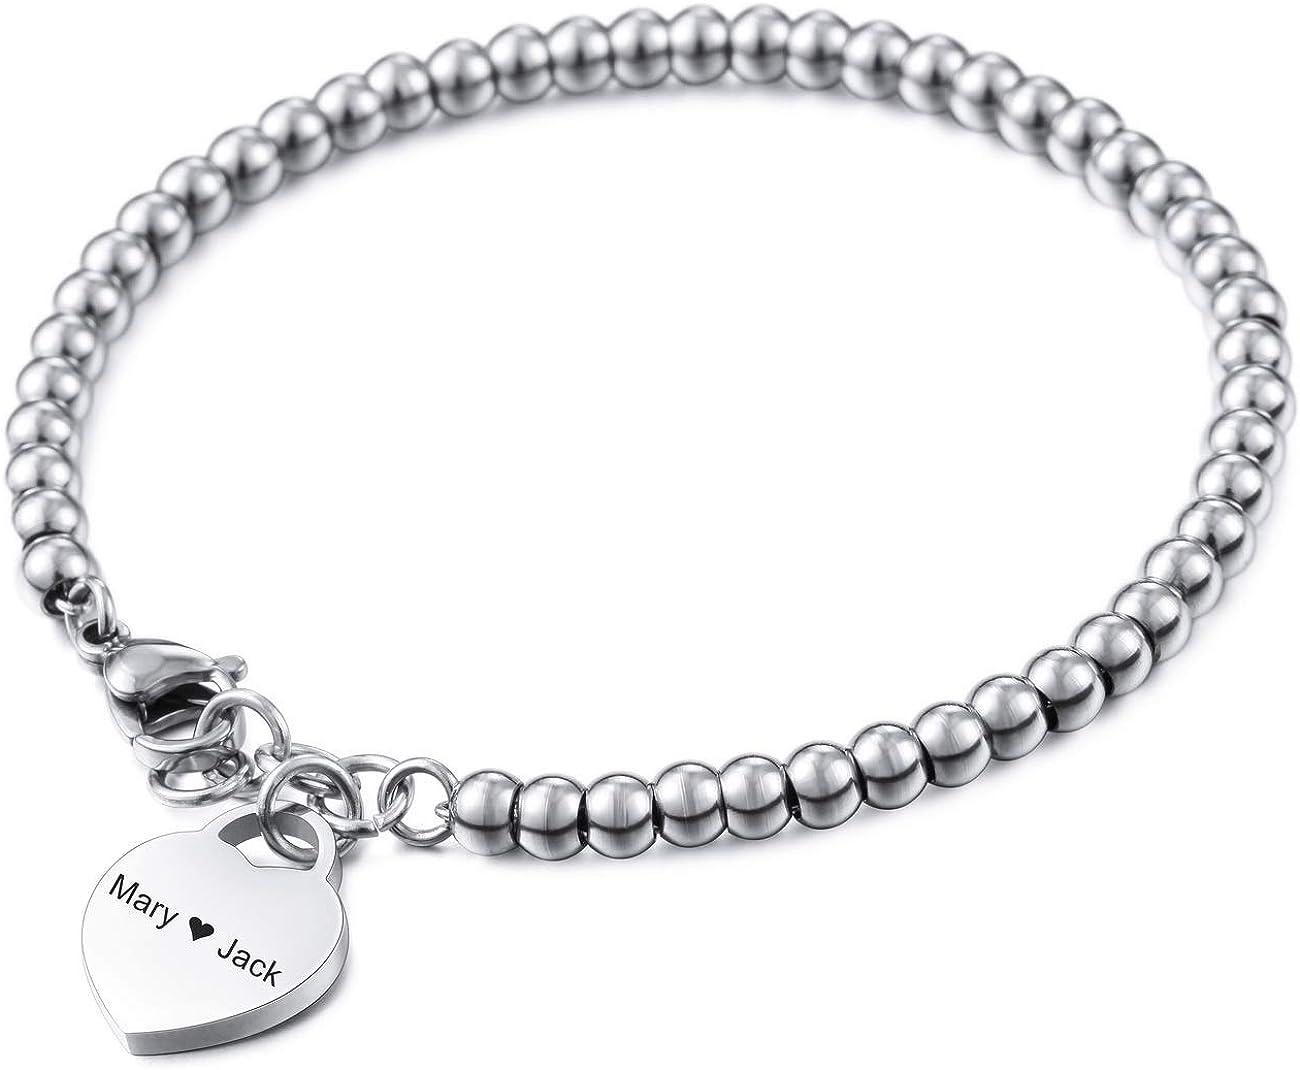 MeMeDIY Pulsera Personalizada Nombres Grabados para Mujeres Niñas Acero Inoxidable Enlace Ajustable de Cuentas de Tobillo con corazón Regalos de Dama de Honor Pulseras de Mejor Amigo (3 Colores)